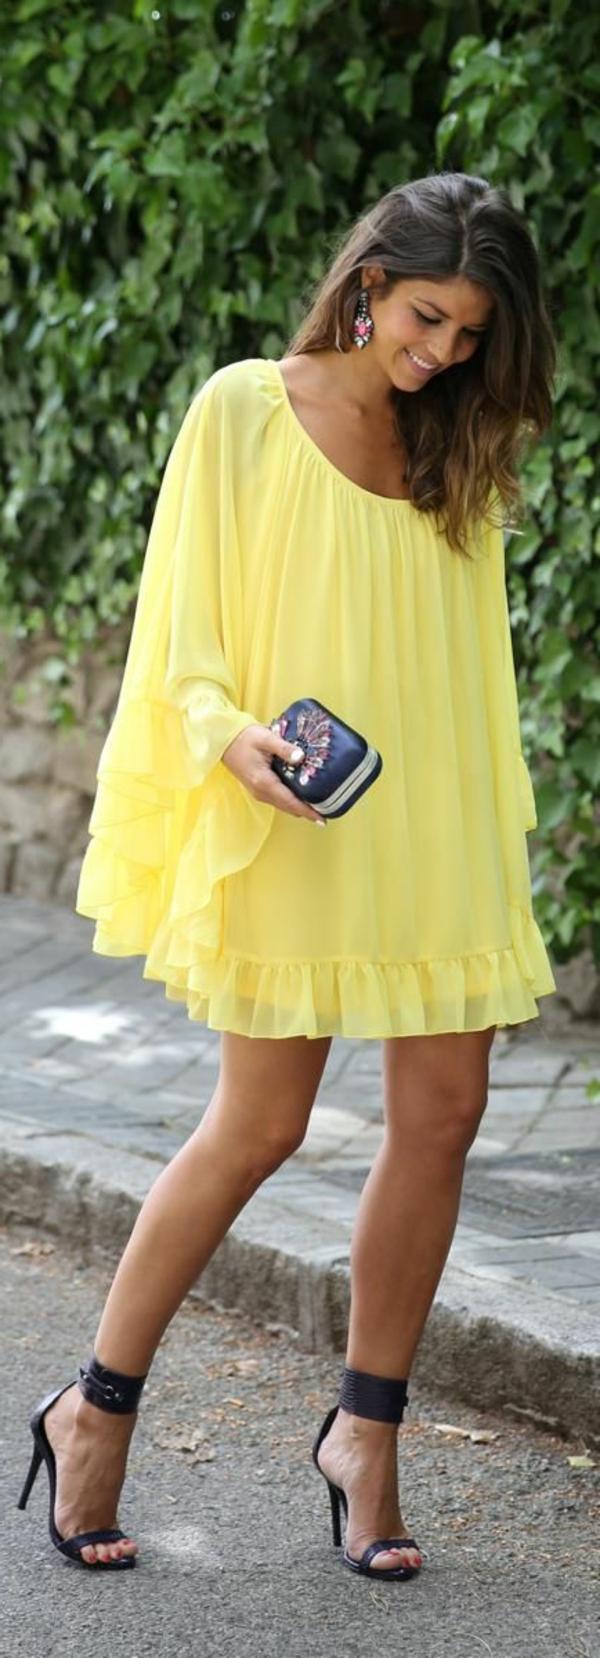 chaussures-à-talon-avec-tenue-jaune-large